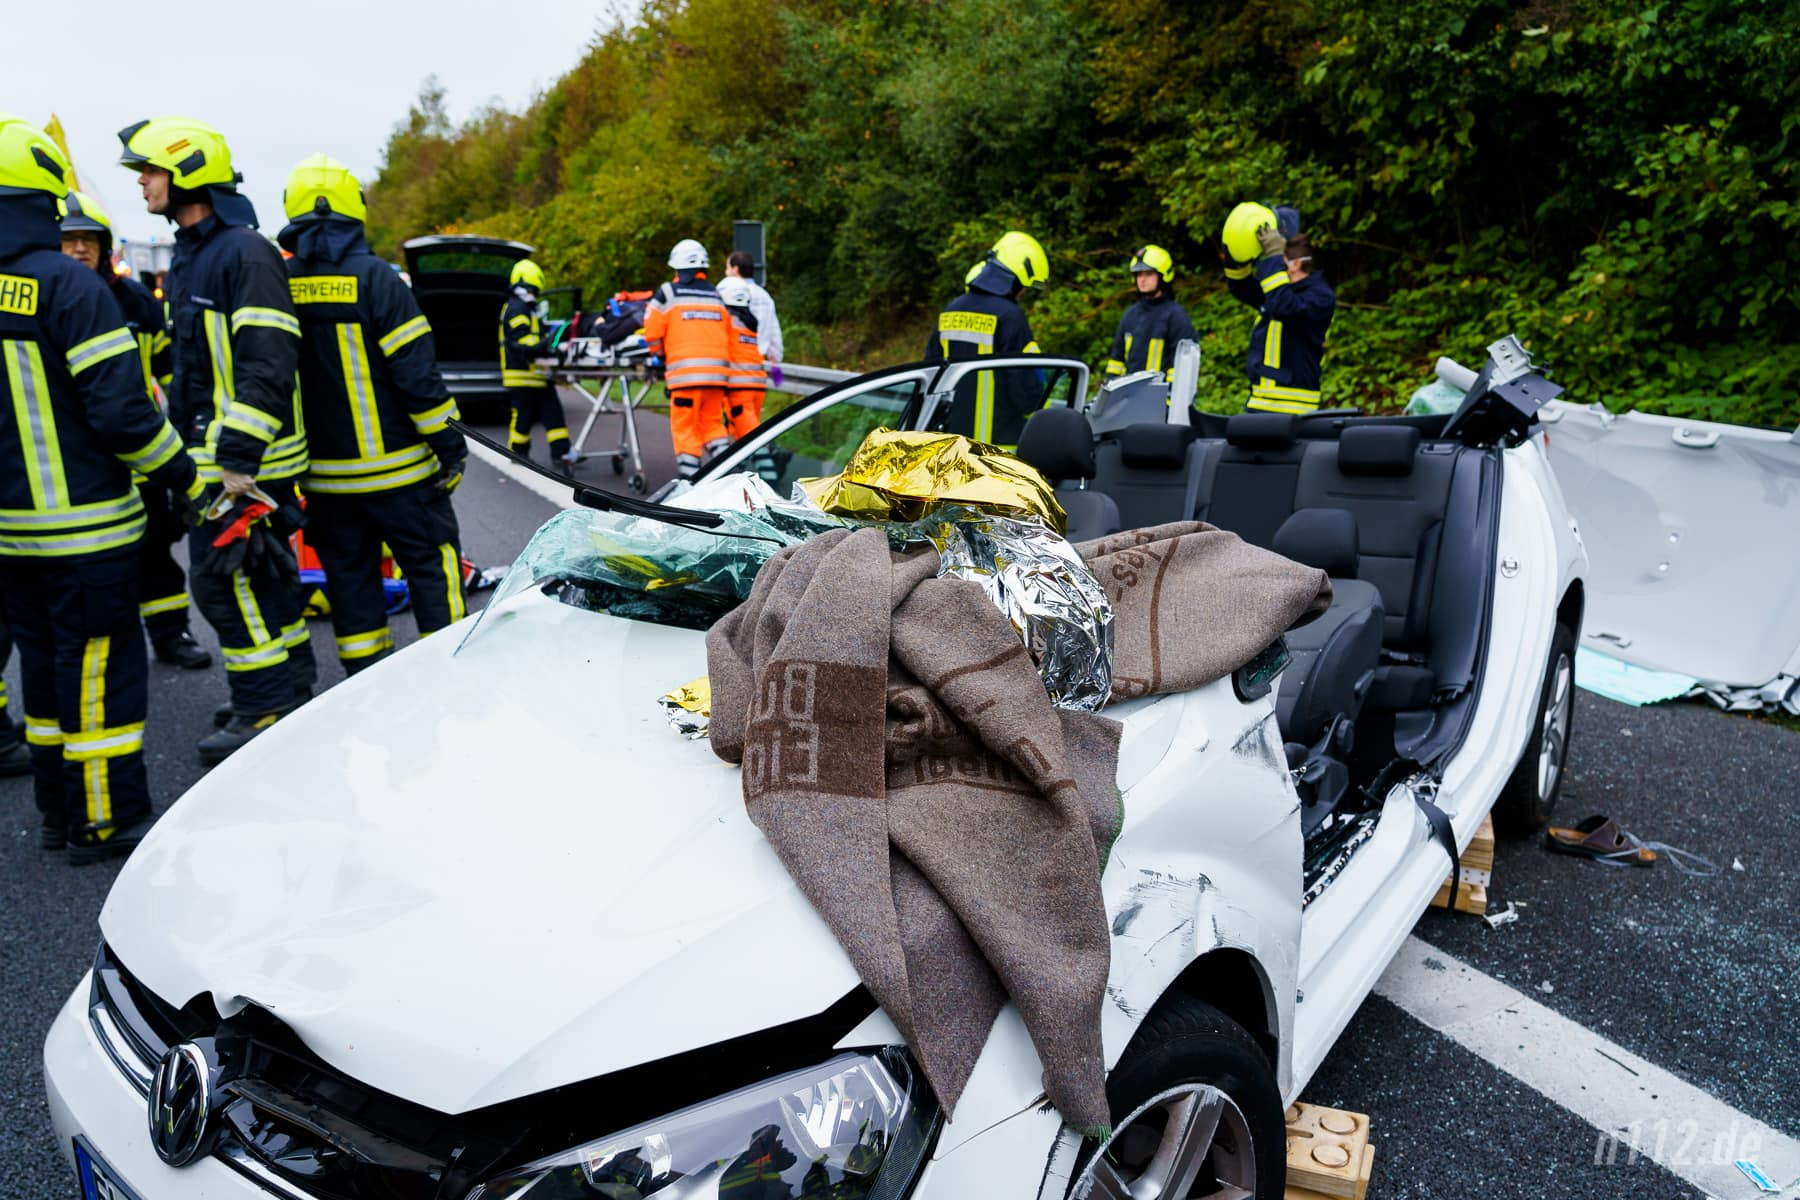 Das Autowrack nach der Rettung. Im Hintergrund wird der Fahrer zum Rettungswagen gebracht (Foto: n112.de/Stefan Simonsen)